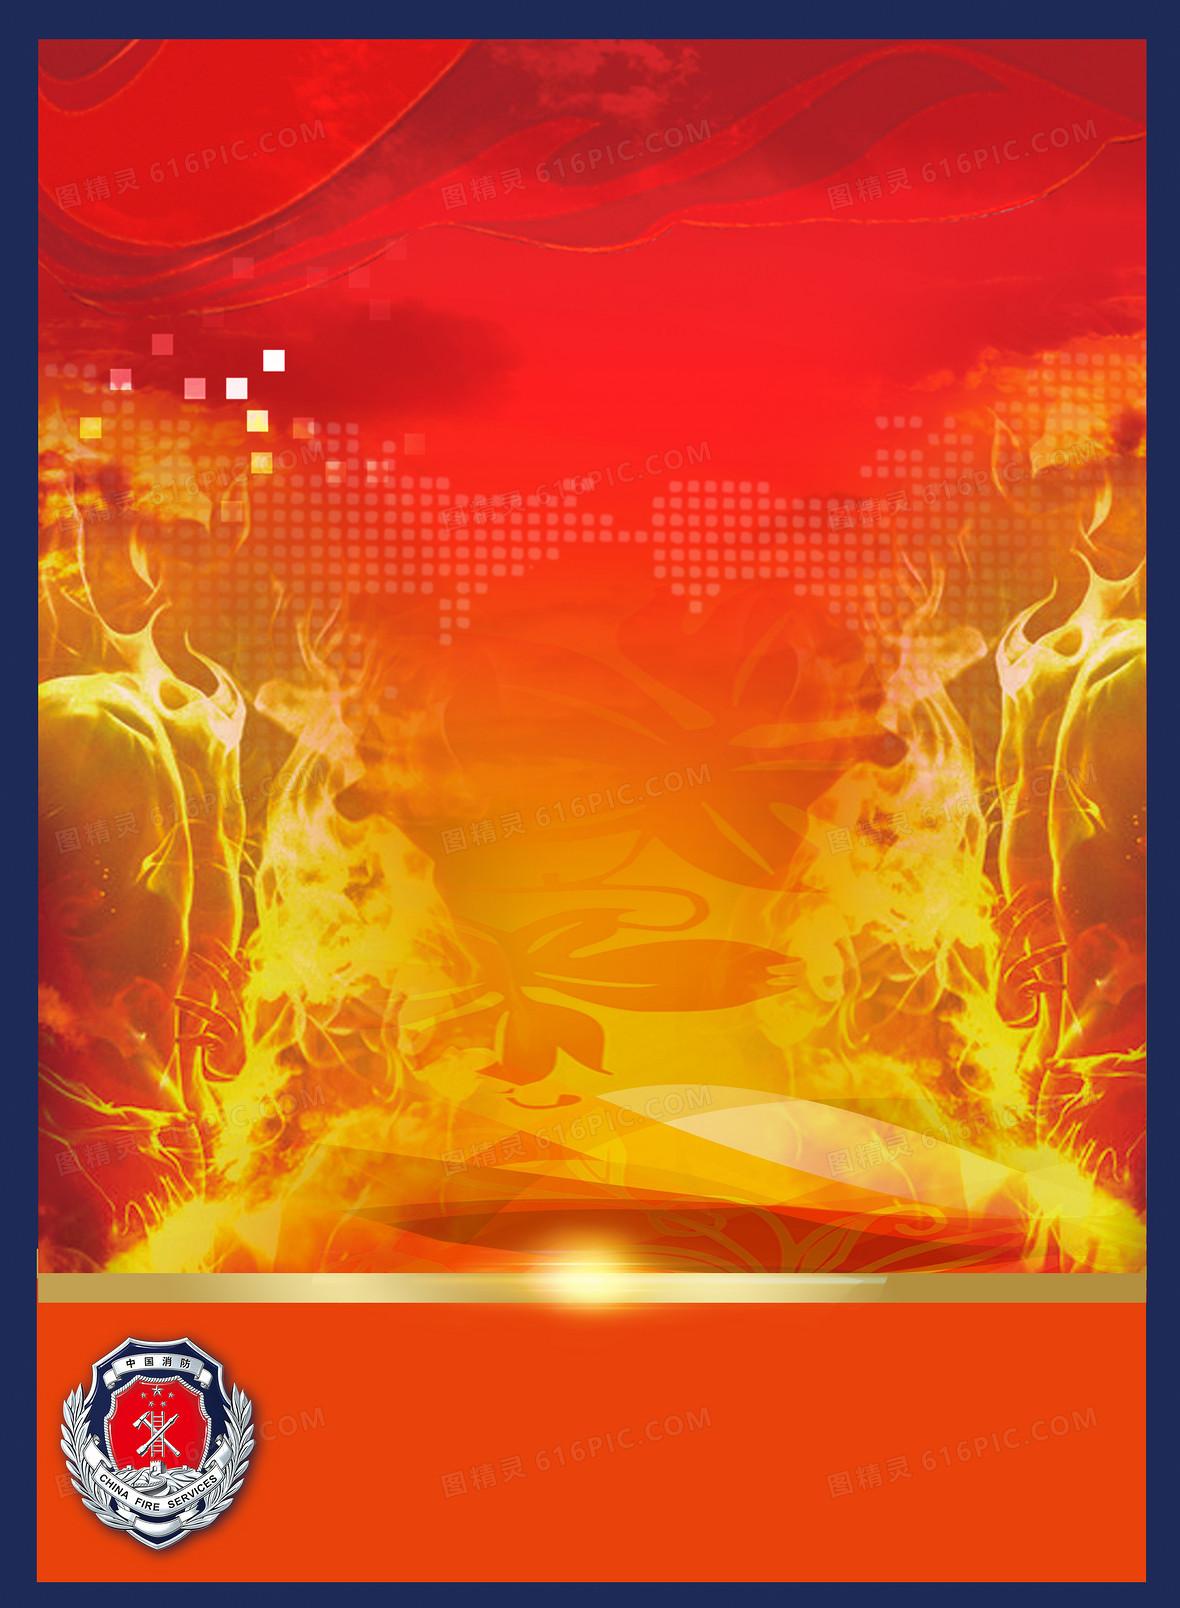 消防安全 宣传栏展板背景素材